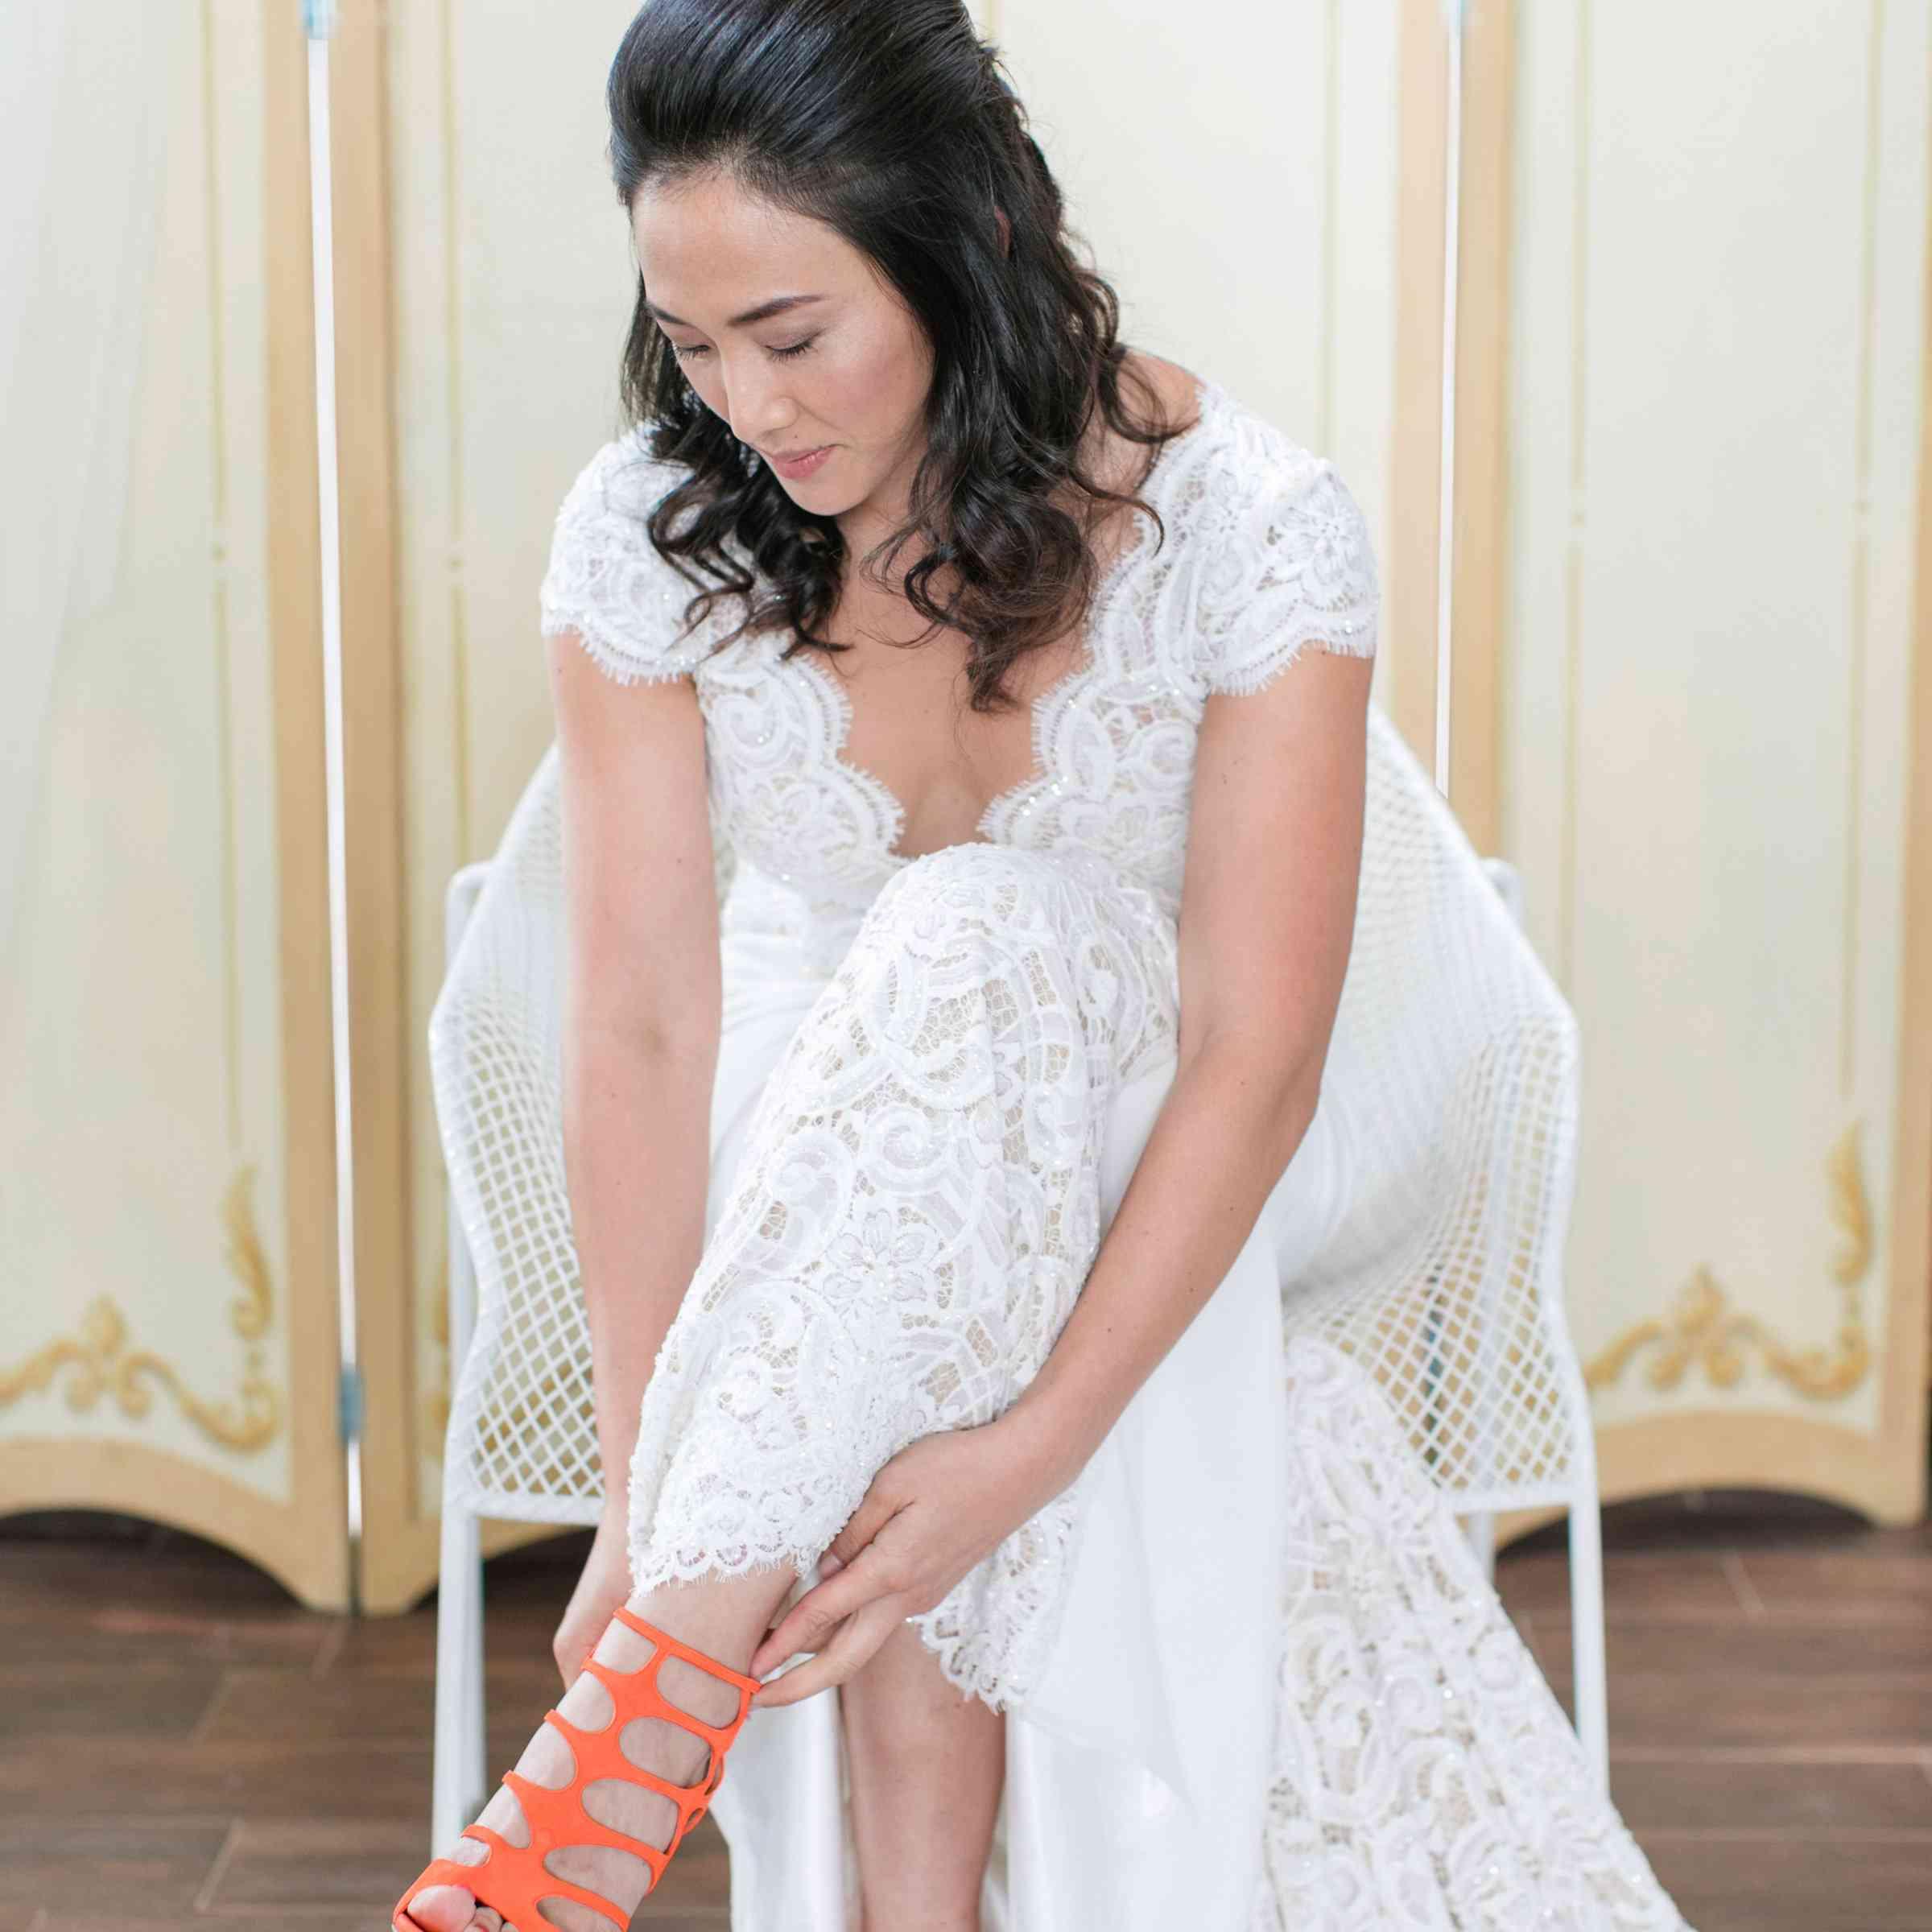 Jimmy Choo orange sandals